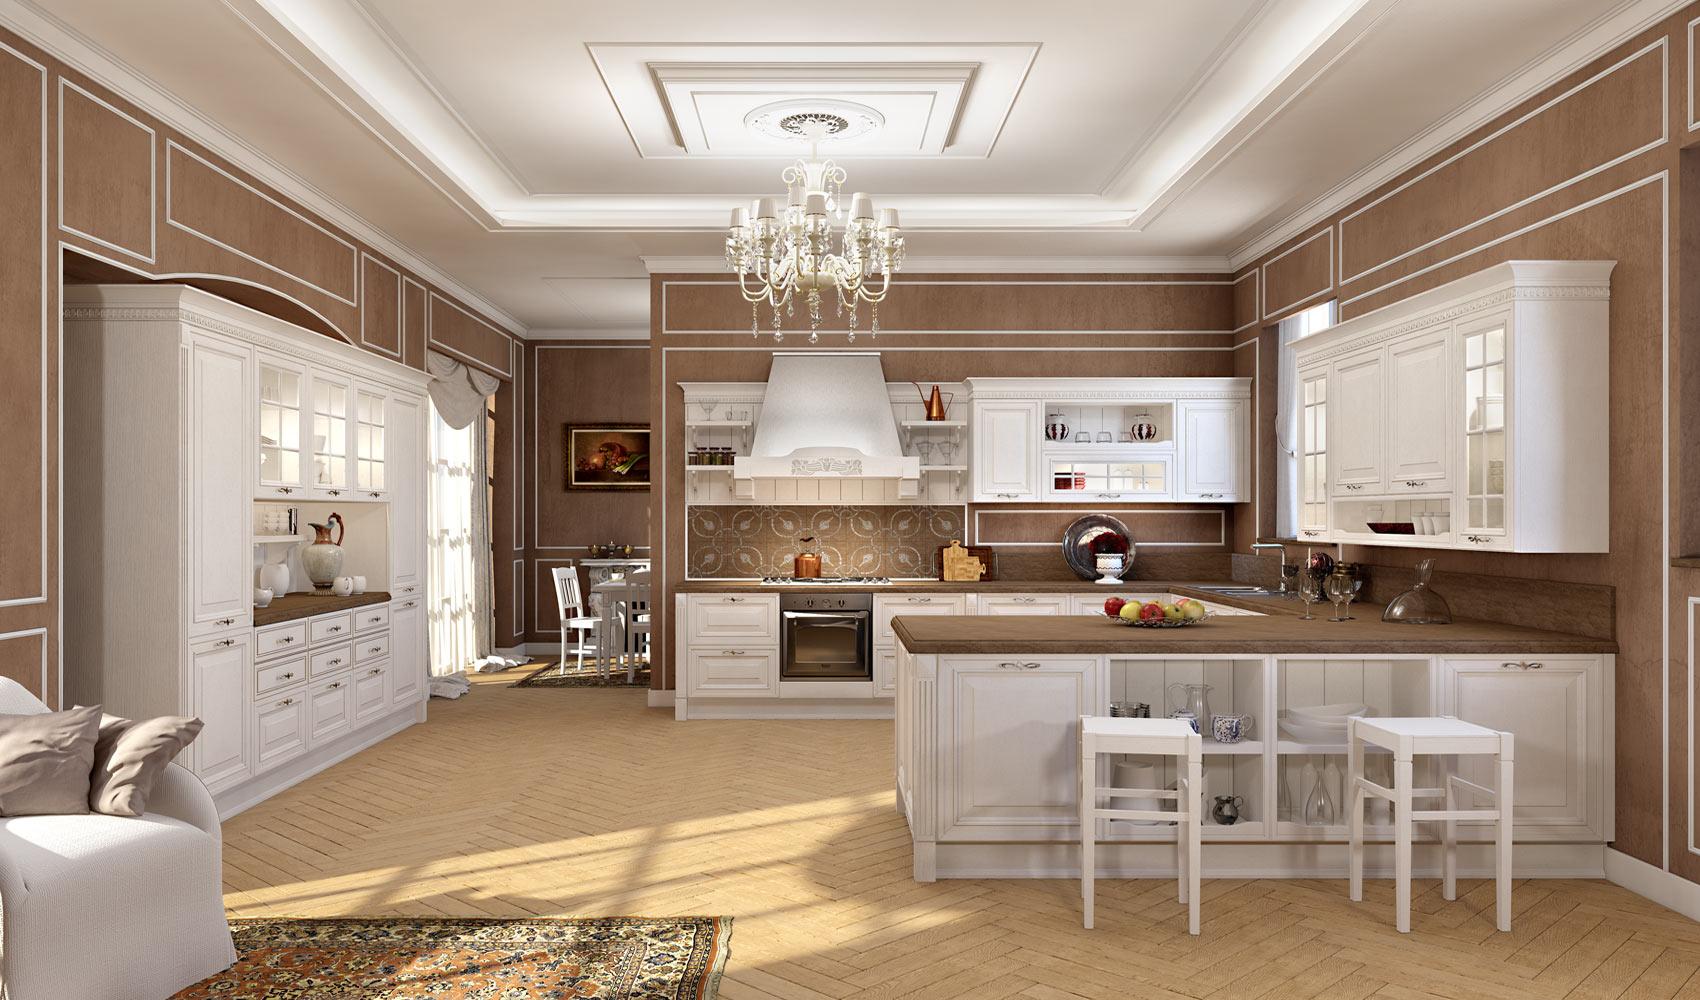 Cucine pirani mobili for Cucine immagini